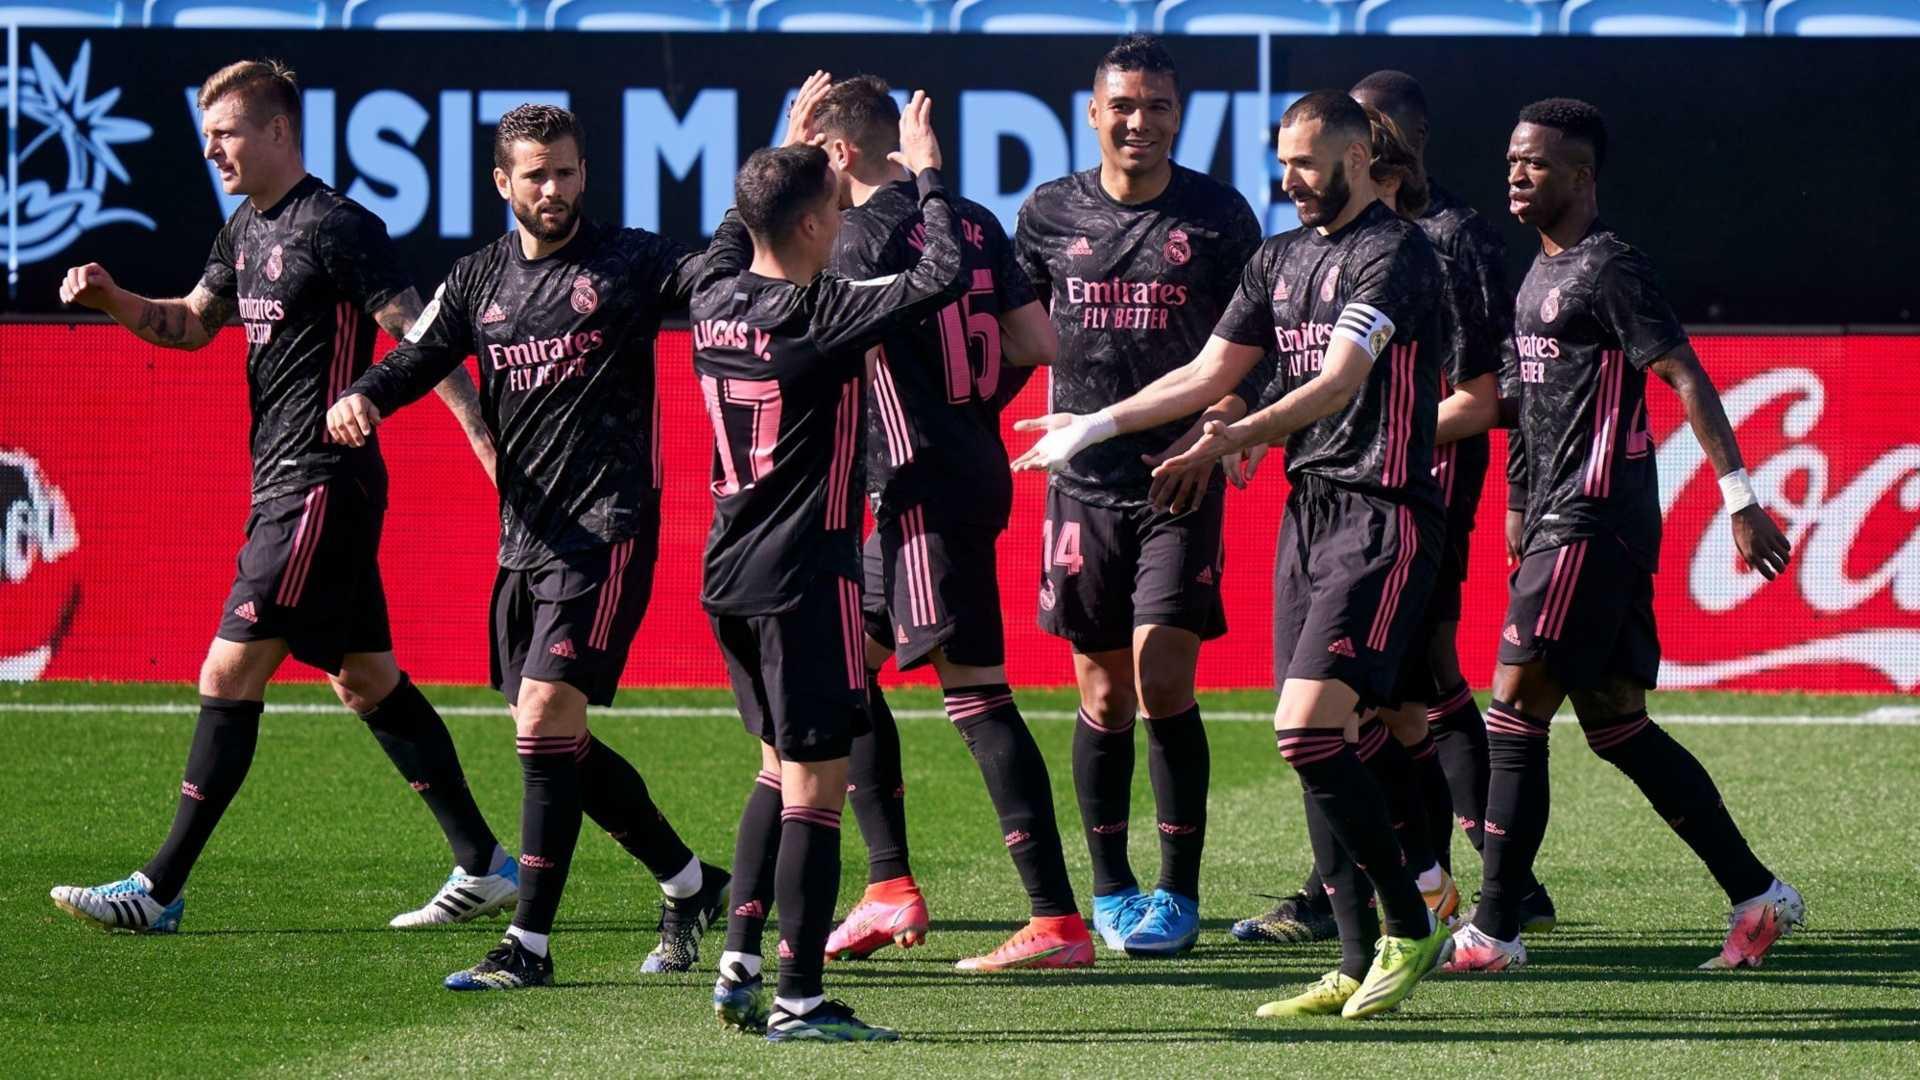 Liga, giornata 28: Oblak eroe dell'Atlético, sei gol del Barça